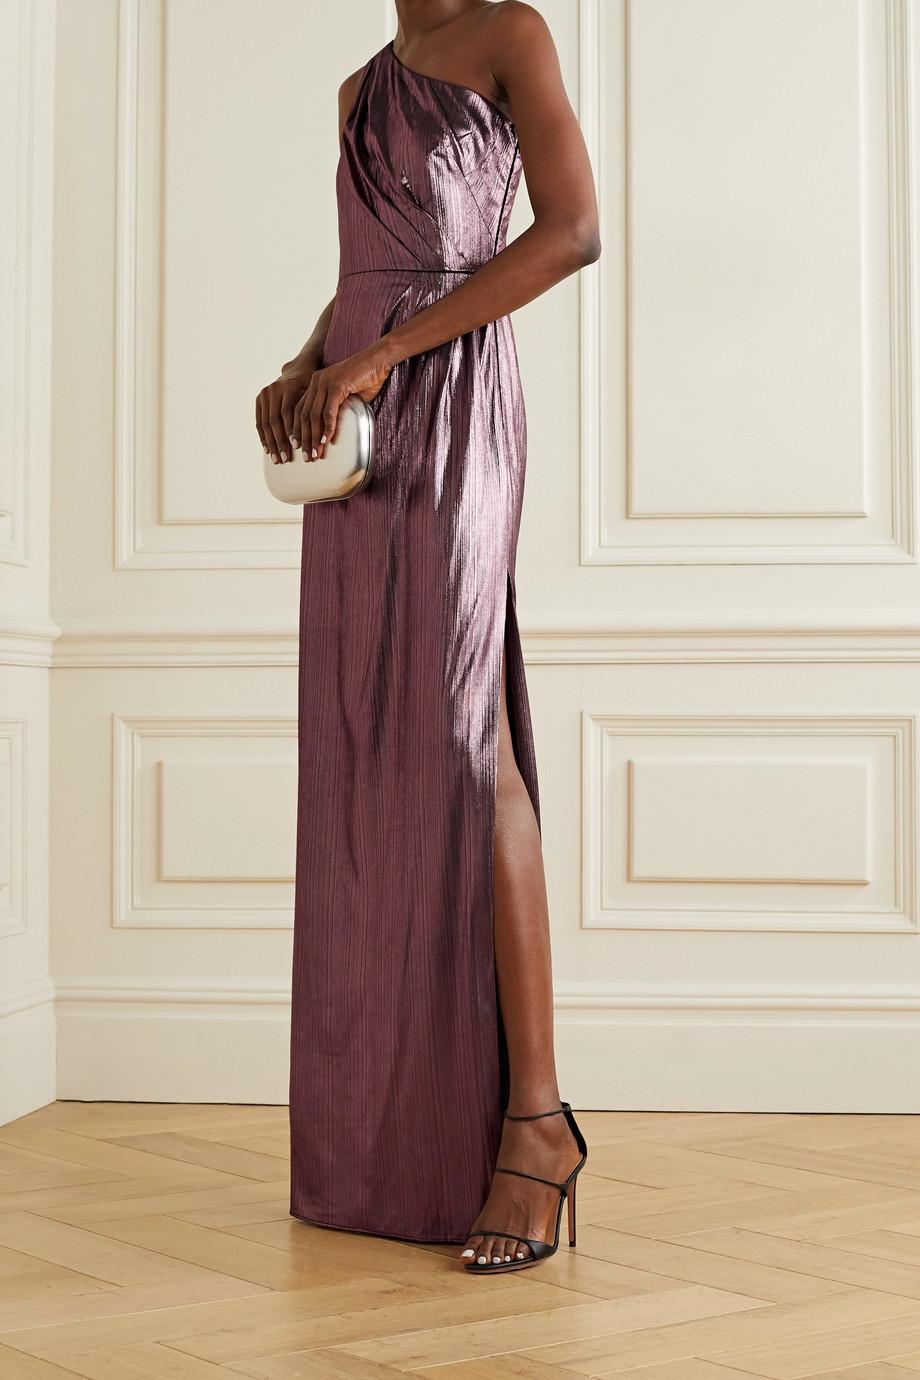 Marchesa Notte Robe aus Metallic-Lamé mit asymmetrischer Schulterpartie